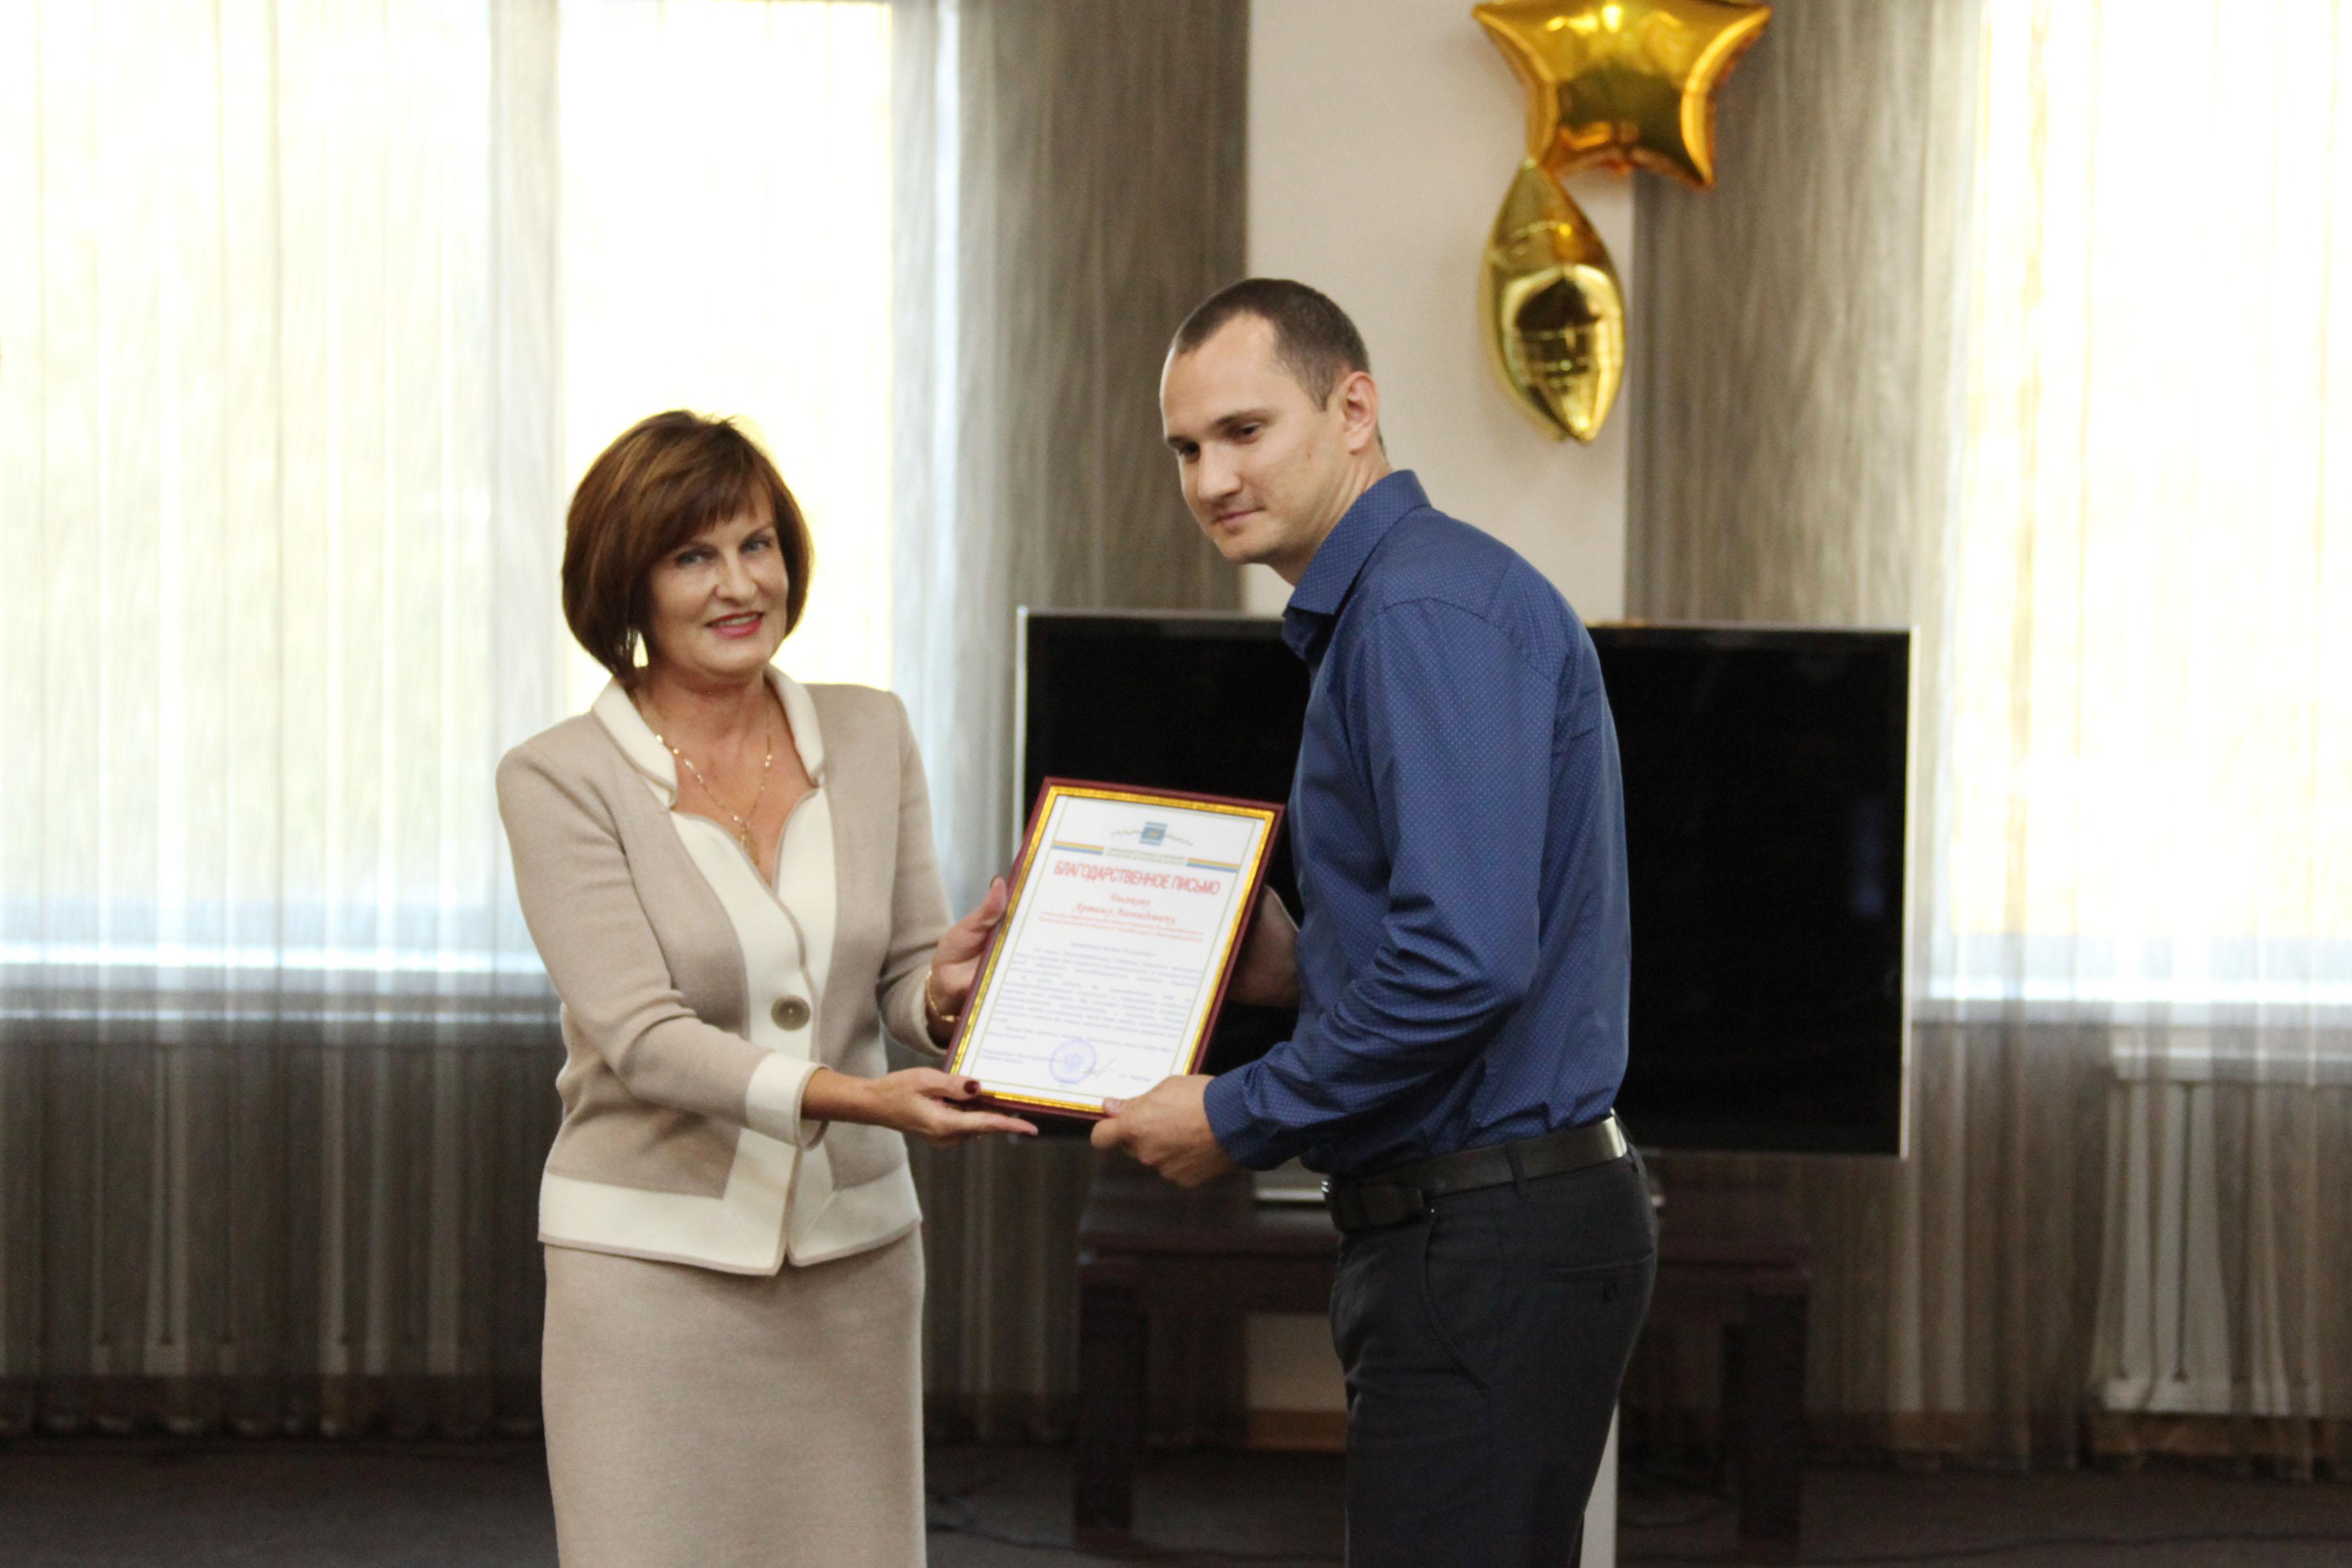 Депутаты поздравили Роспотребнадзор с днем рождения Службы